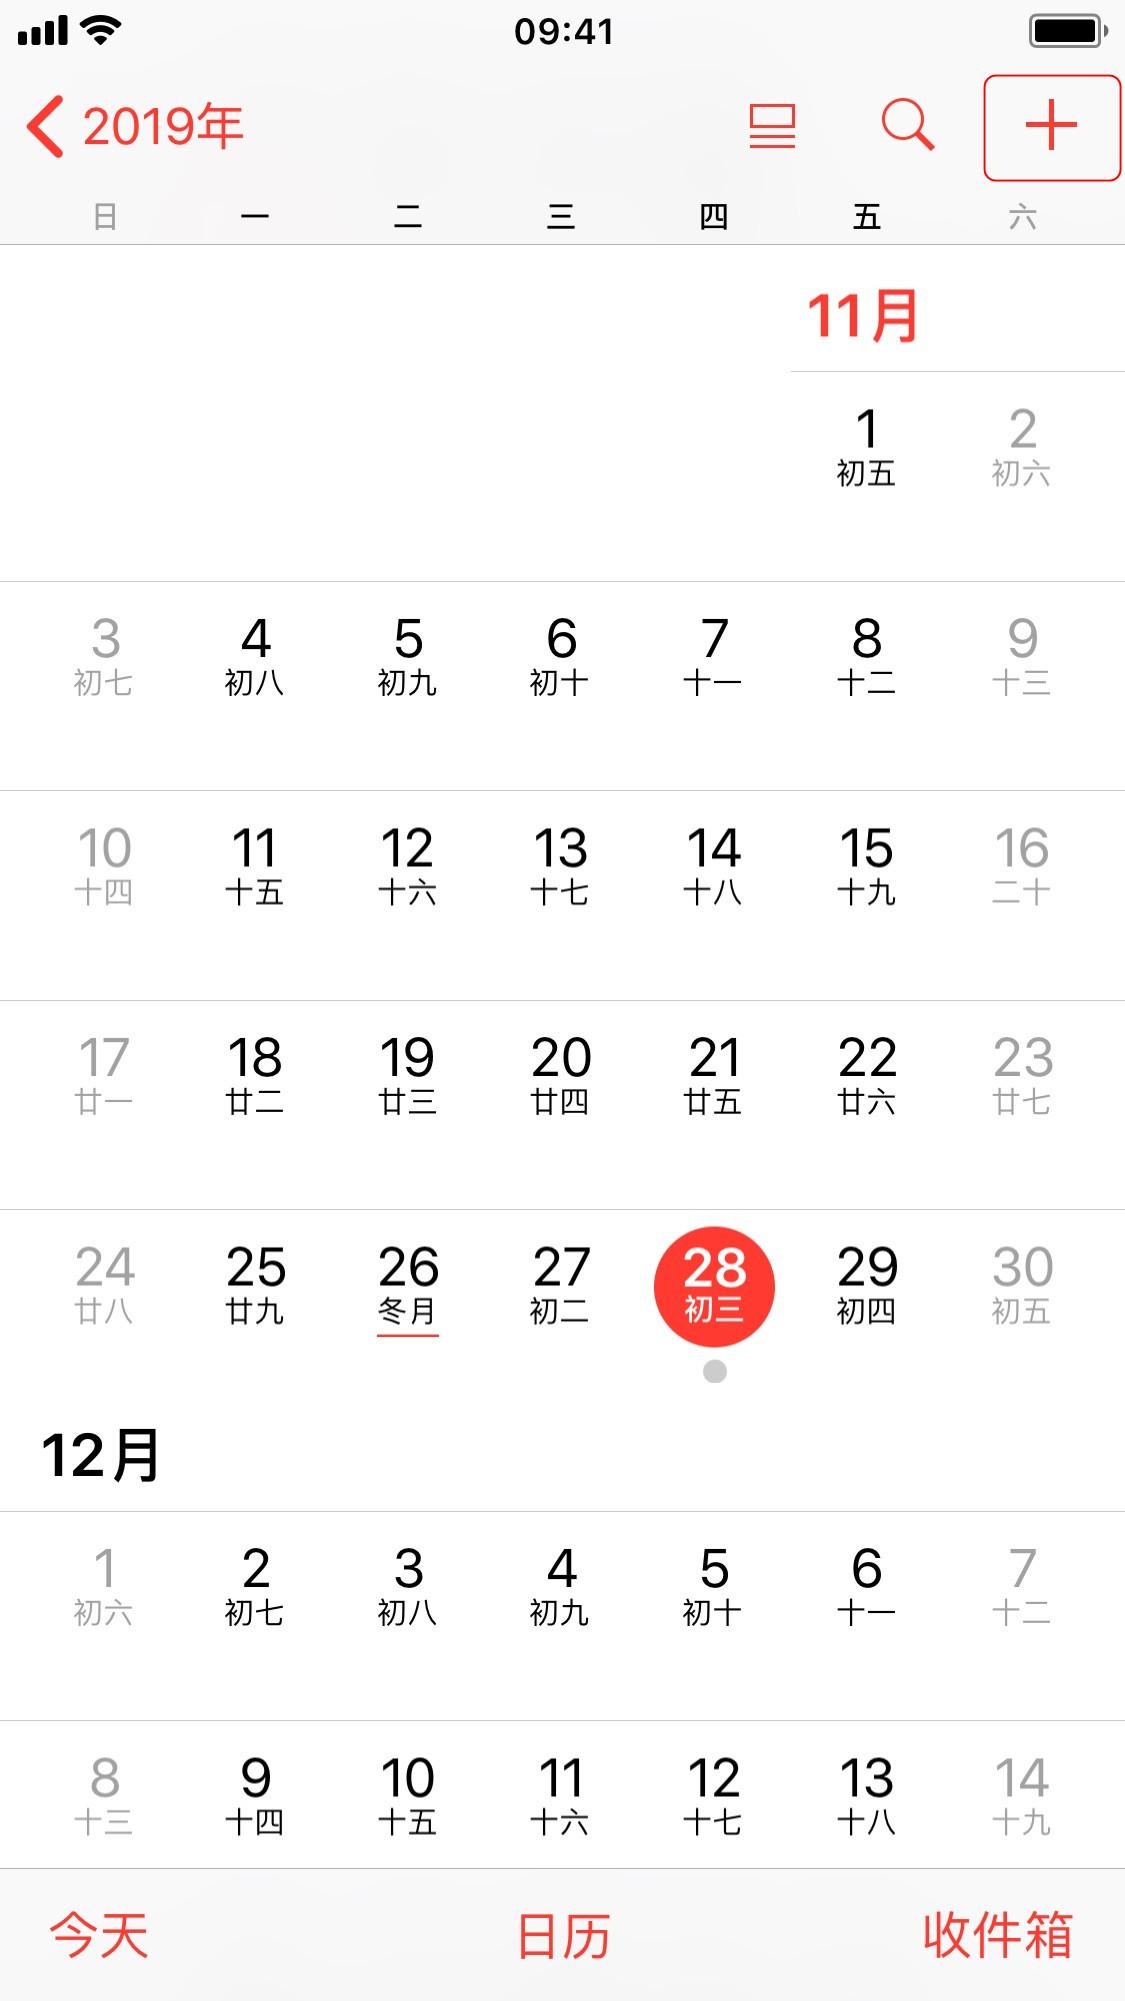 苹果实用技巧:新技能借助 iPhone 日历功能共享文件